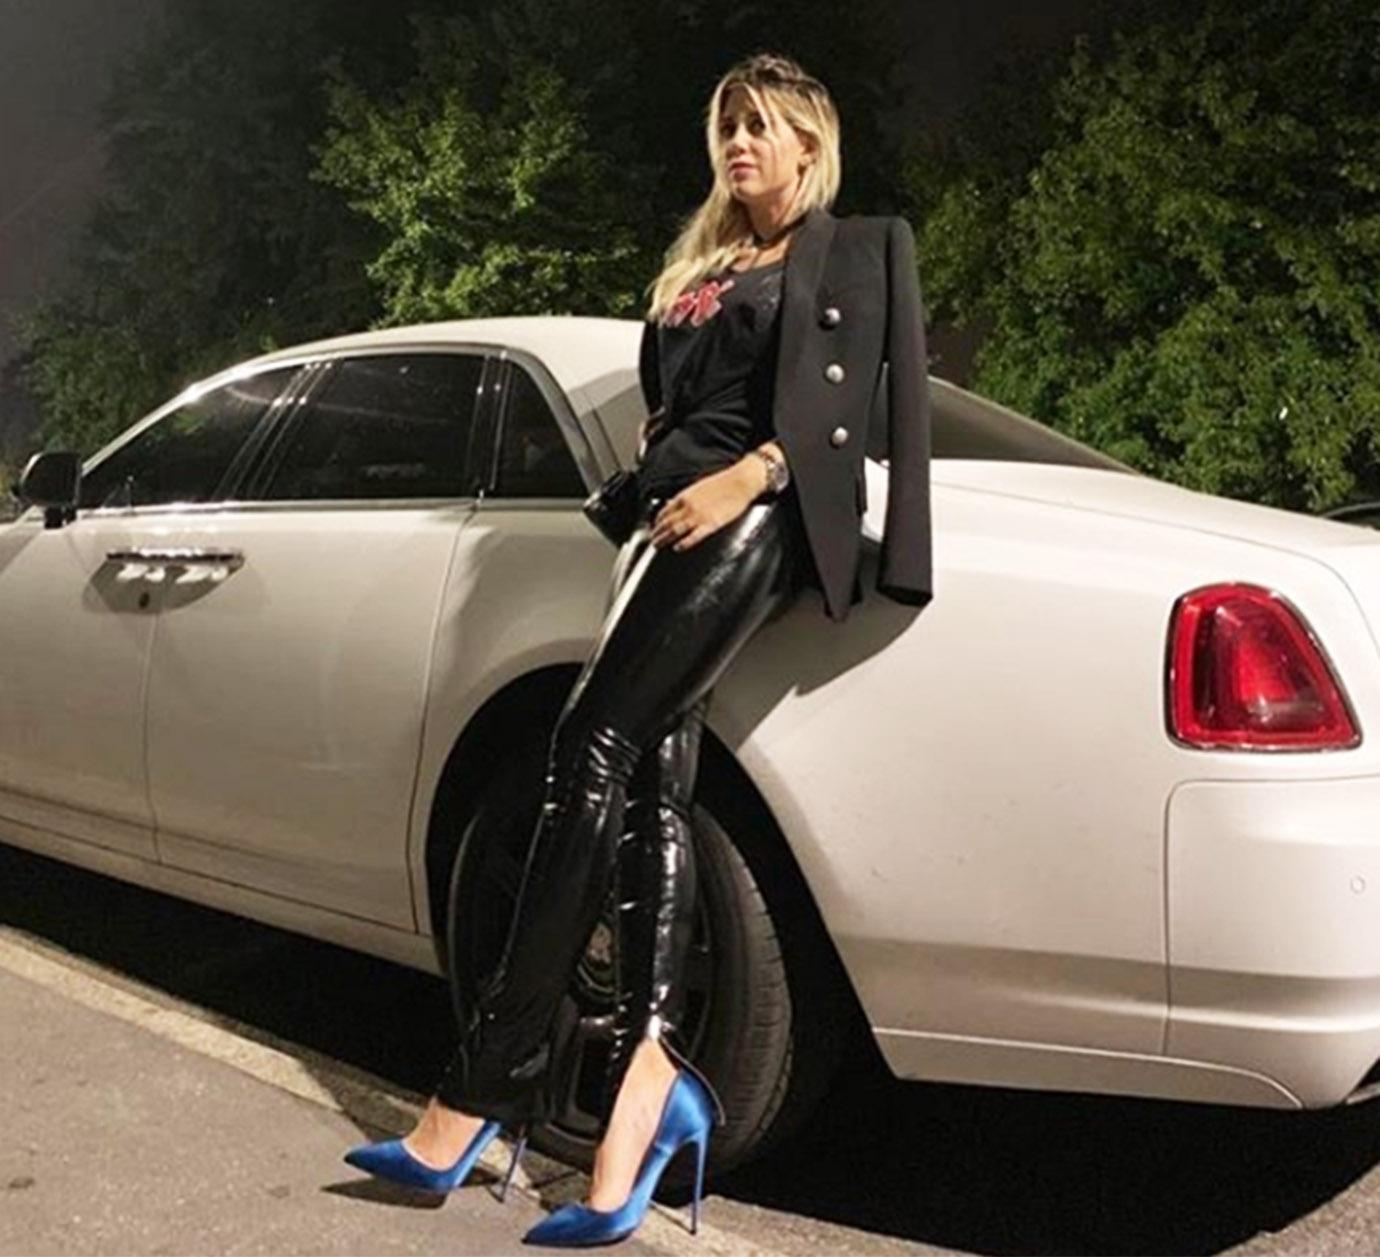 """""""Rock&Rolls"""". Con esa frase y esta foto Wanda Nara presentó en sociedad la nueva adquisición de la familia: un Rolls Royce, claro. Pero la mayoría de sus seguidoras no elogiaron el lujoso auto sino ¡sus zapatos! Mi reino por esos stilettos… (Foto: Instagram)"""